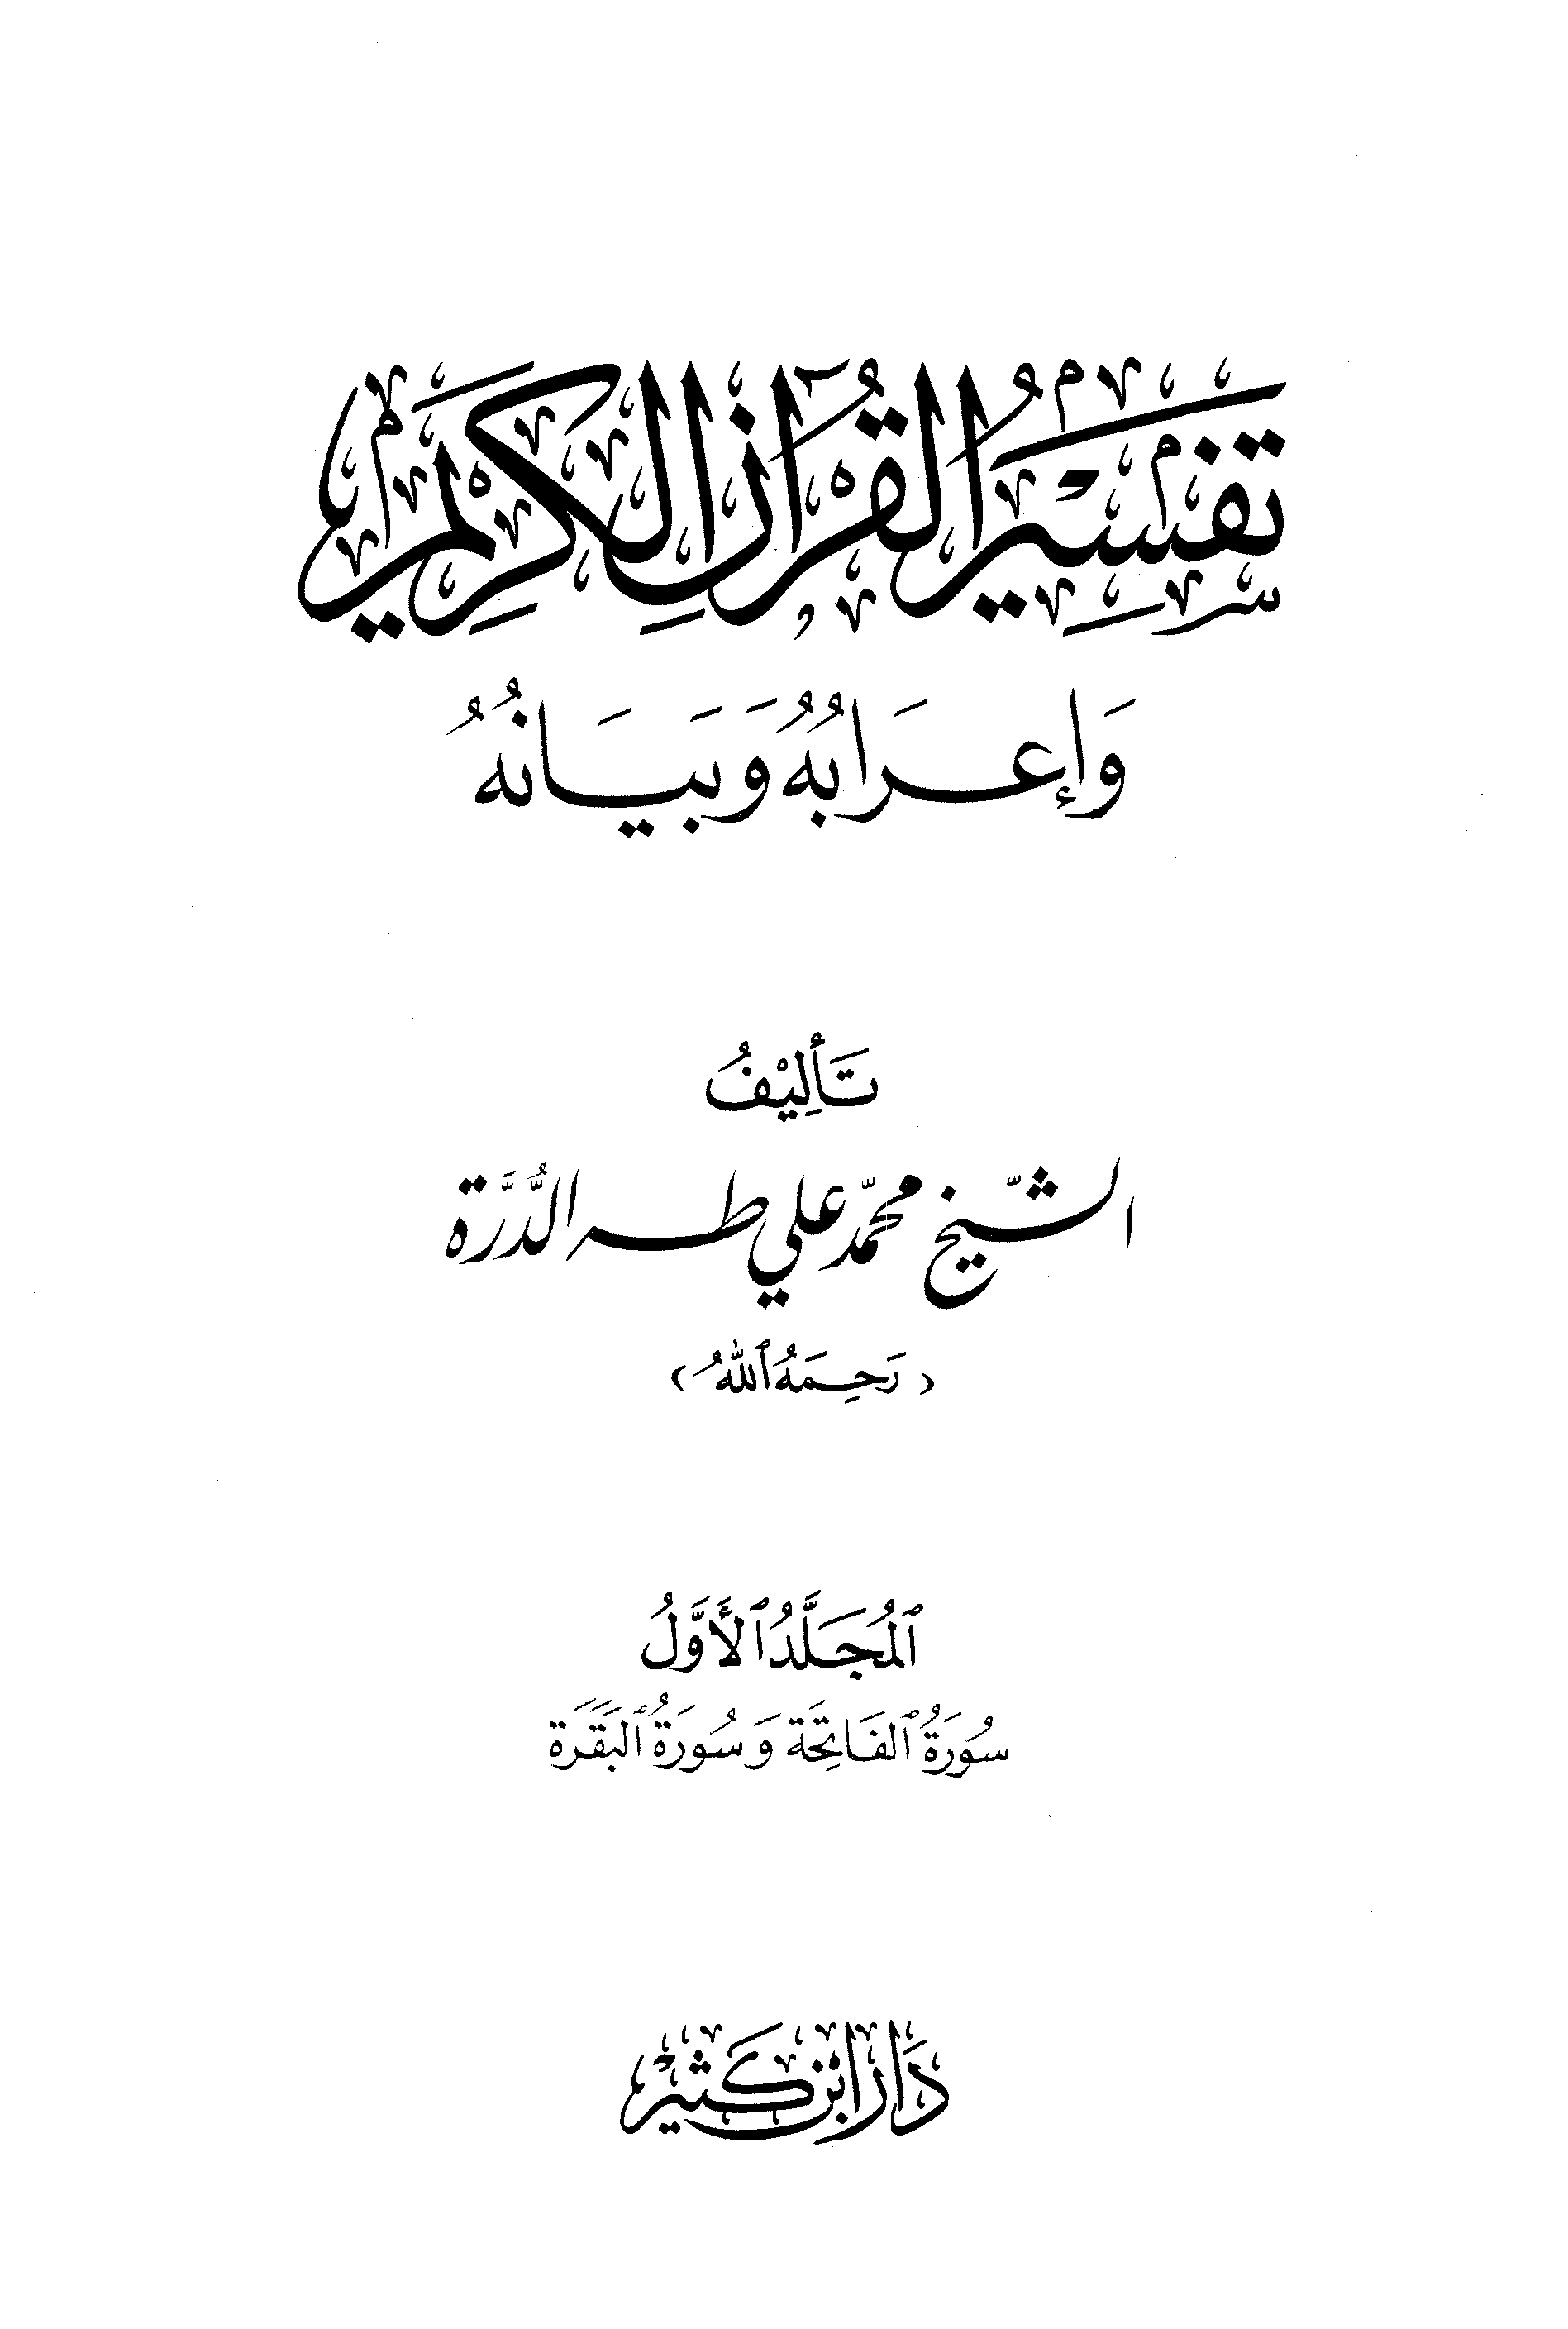 تفسير القرآن الكريم وإعرابه وبيانه - محمد علي طه الدرة (ت 1428)